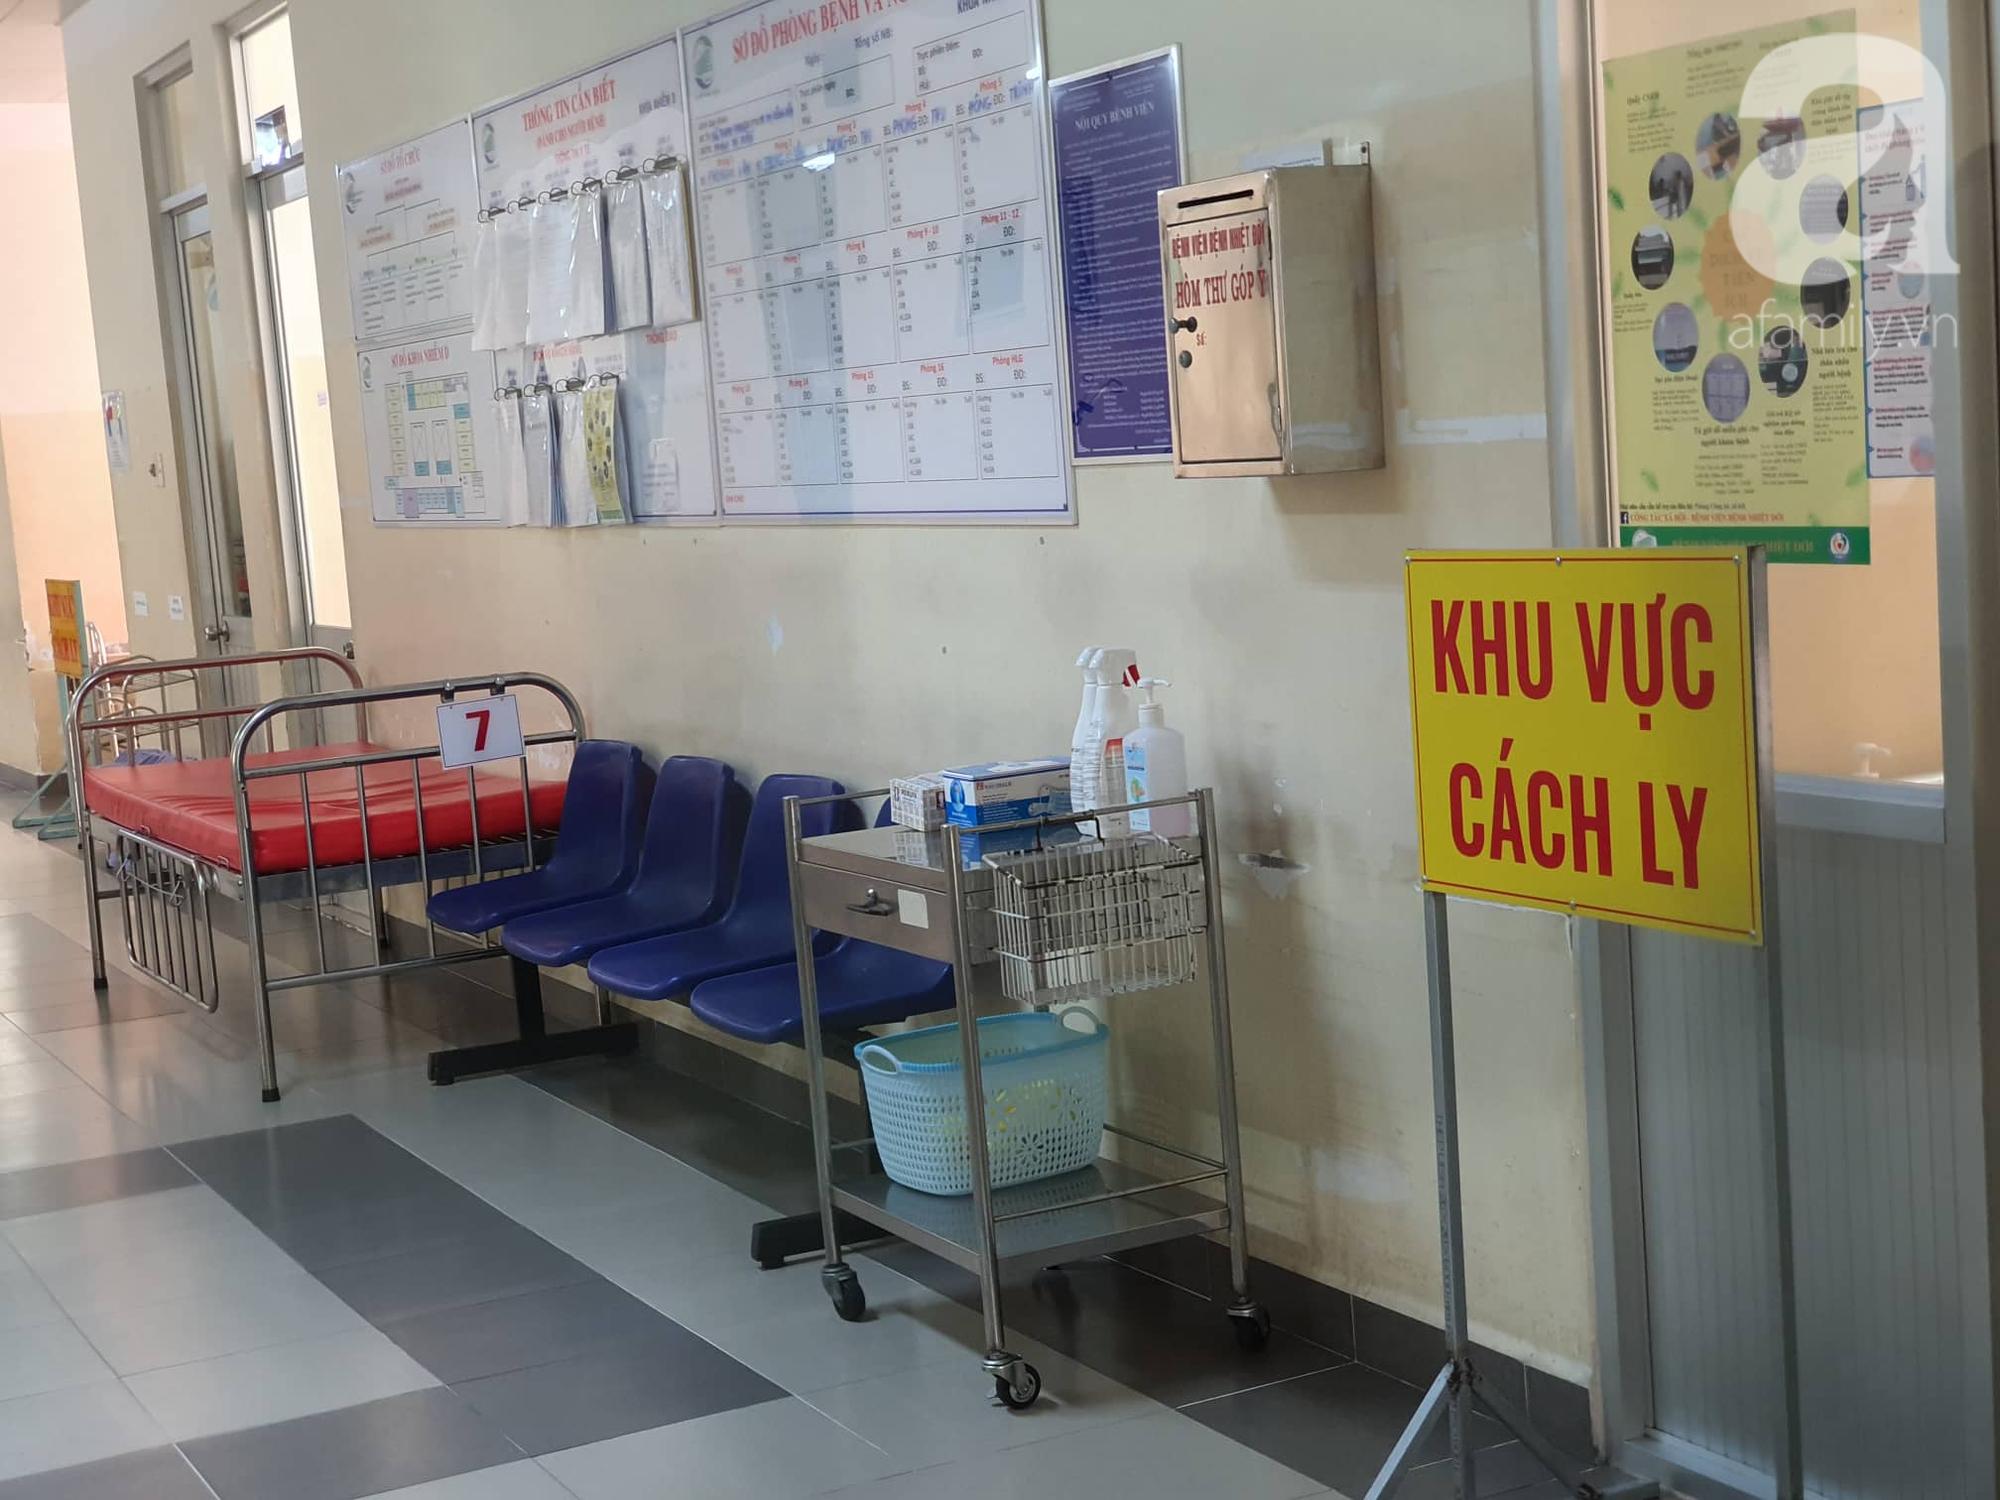 TP.HCM: Bé trai 17 tháng tuổi lên cơn sốt khi ở cùng mẹ tại Bệnh viện dã chiến huyện Củ Chi - Ảnh 3.